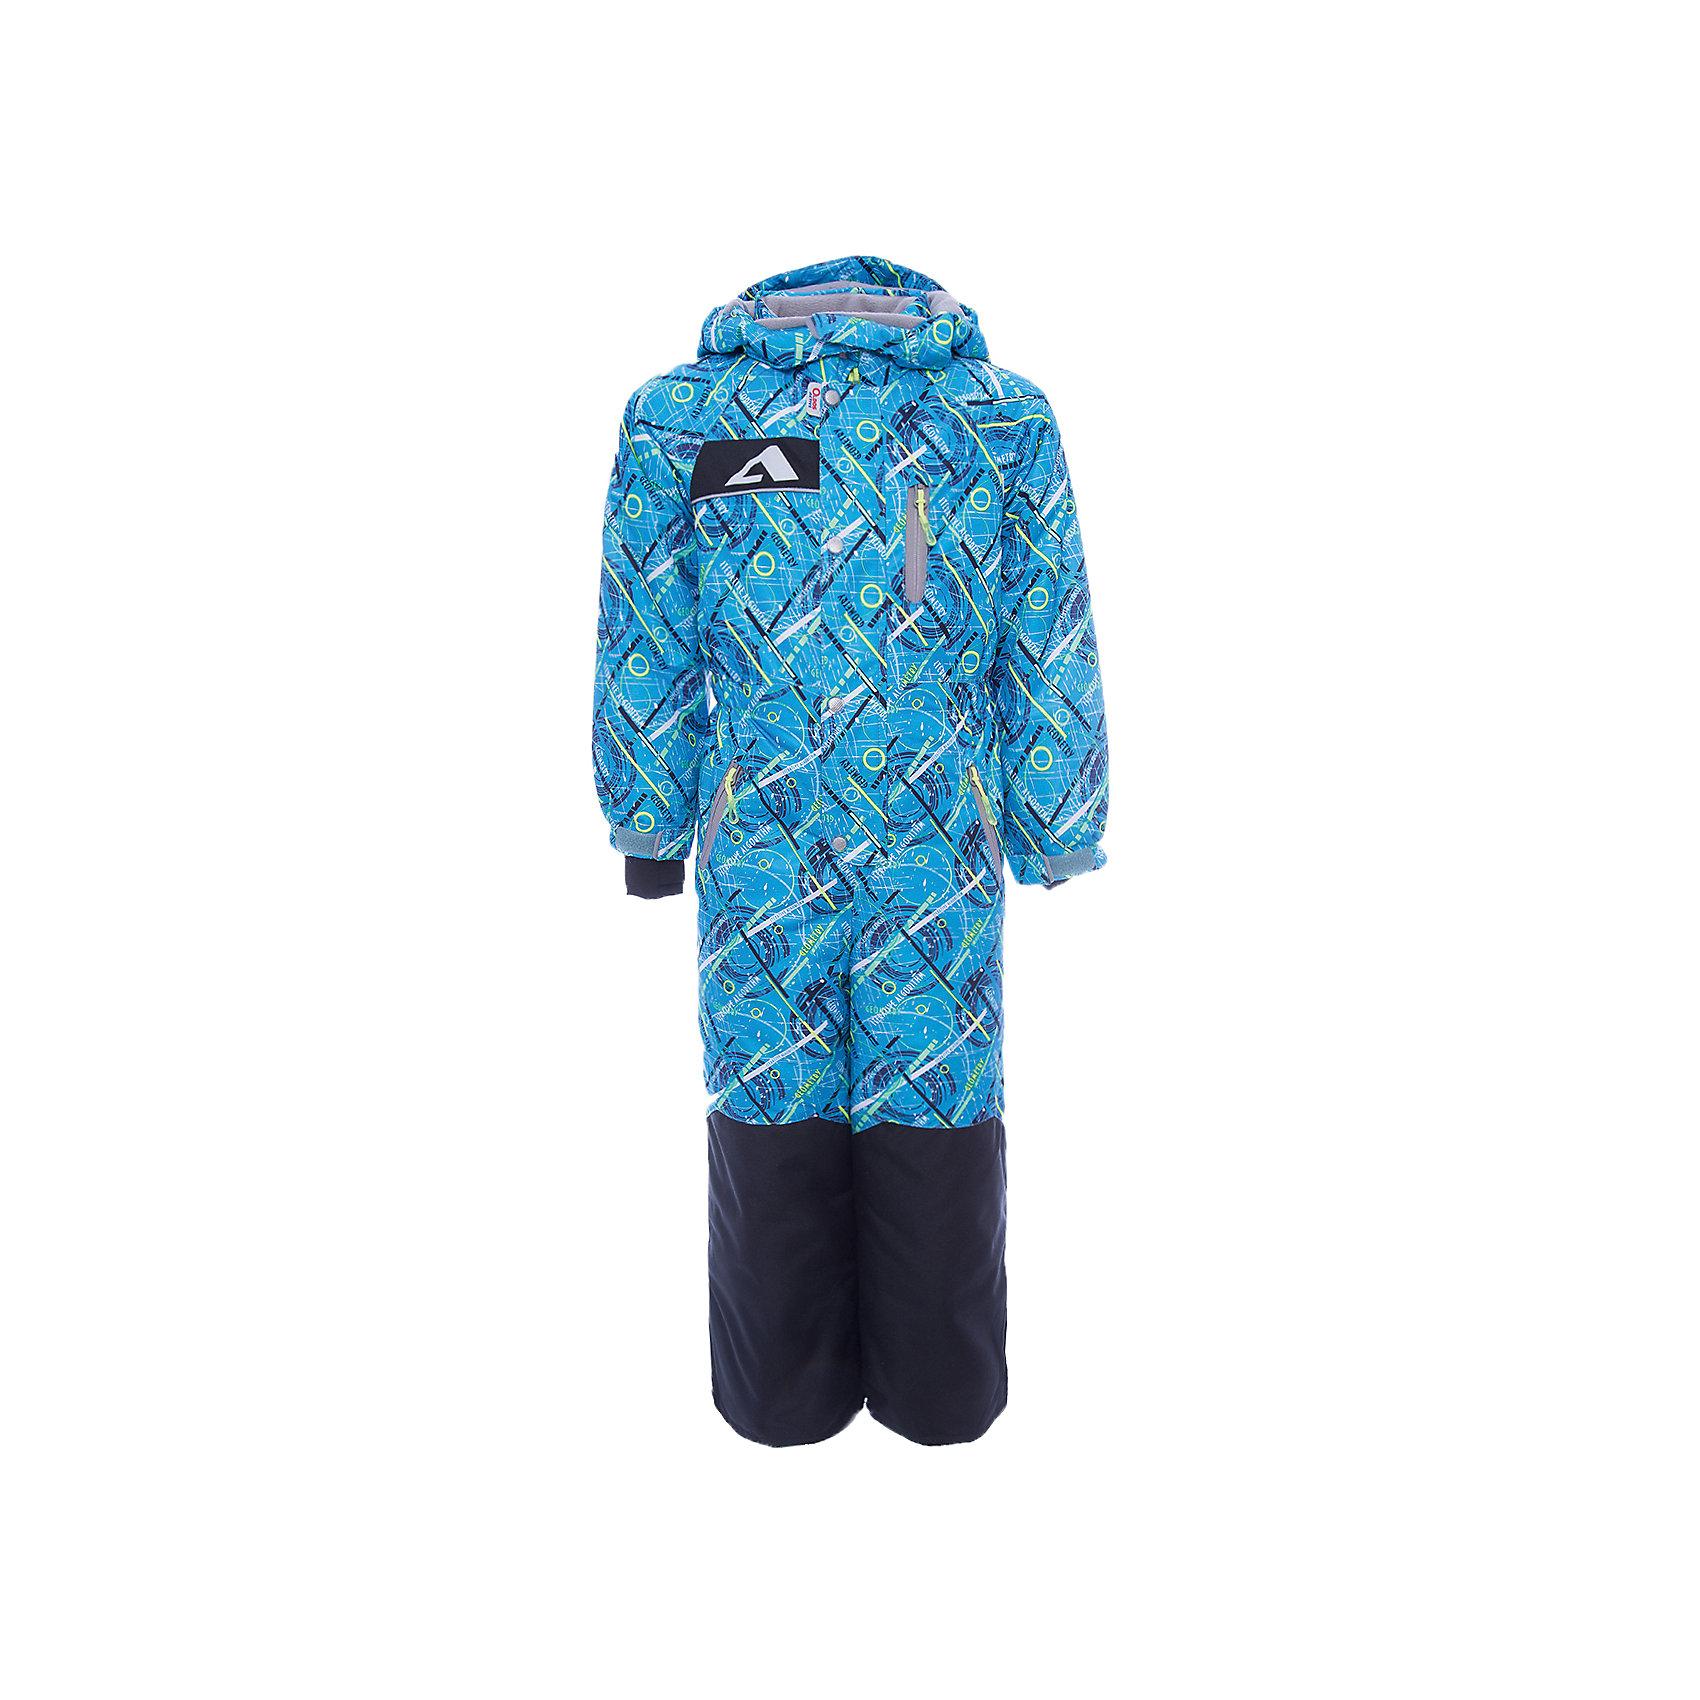 Комбинезон Джейми OLDOS для мальчикаВерхняя одежда<br>Характеристики товара:<br><br>• цвет: голубой<br>• состав ткани: полиэстер, Teflon<br>• подкладка: флис, гладкий полиэстер<br>• утеплитель: Hollofan pro<br>• сезон: зима<br>• мембранное покрытие<br>• температурный режим: от -30 до +5<br>• водонепроницаемость: 5000 мм <br>• паропроницаемость: 5000 г/м2<br>• плотность утеплителя: 200 г/м2<br>• застежка: молния<br>• капюшон: без меха, съемный<br>• силиконовые штрипки<br>• износостойкая ткань по низу брючин<br>• страна бренда: Россия<br>• страна изготовитель: Россия<br><br>В детском комбинезоне - тонкий гипоаллергенный утеплитель, который лучше удерживает тепло. Мембранный верх комбинезона создает комфортный для ребенка микроклимат. Теплый комбинезон для ребенка дополнен множеством элементов для дополнительного комфорта. Зимний комбинезон Oldos имеет силиконовые штрипки, капюшон, манжеты, планку от ветра.<br><br>Комбинезон Джейми Oldos (Олдос) для мальчика можно купить в нашем интернет-магазине.<br><br>Ширина мм: 356<br>Глубина мм: 10<br>Высота мм: 245<br>Вес г: 519<br>Цвет: голубой<br>Возраст от месяцев: 48<br>Возраст до месяцев: 60<br>Пол: Мужской<br>Возраст: Детский<br>Размер: 110,104,98,128,122,116<br>SKU: 7015853